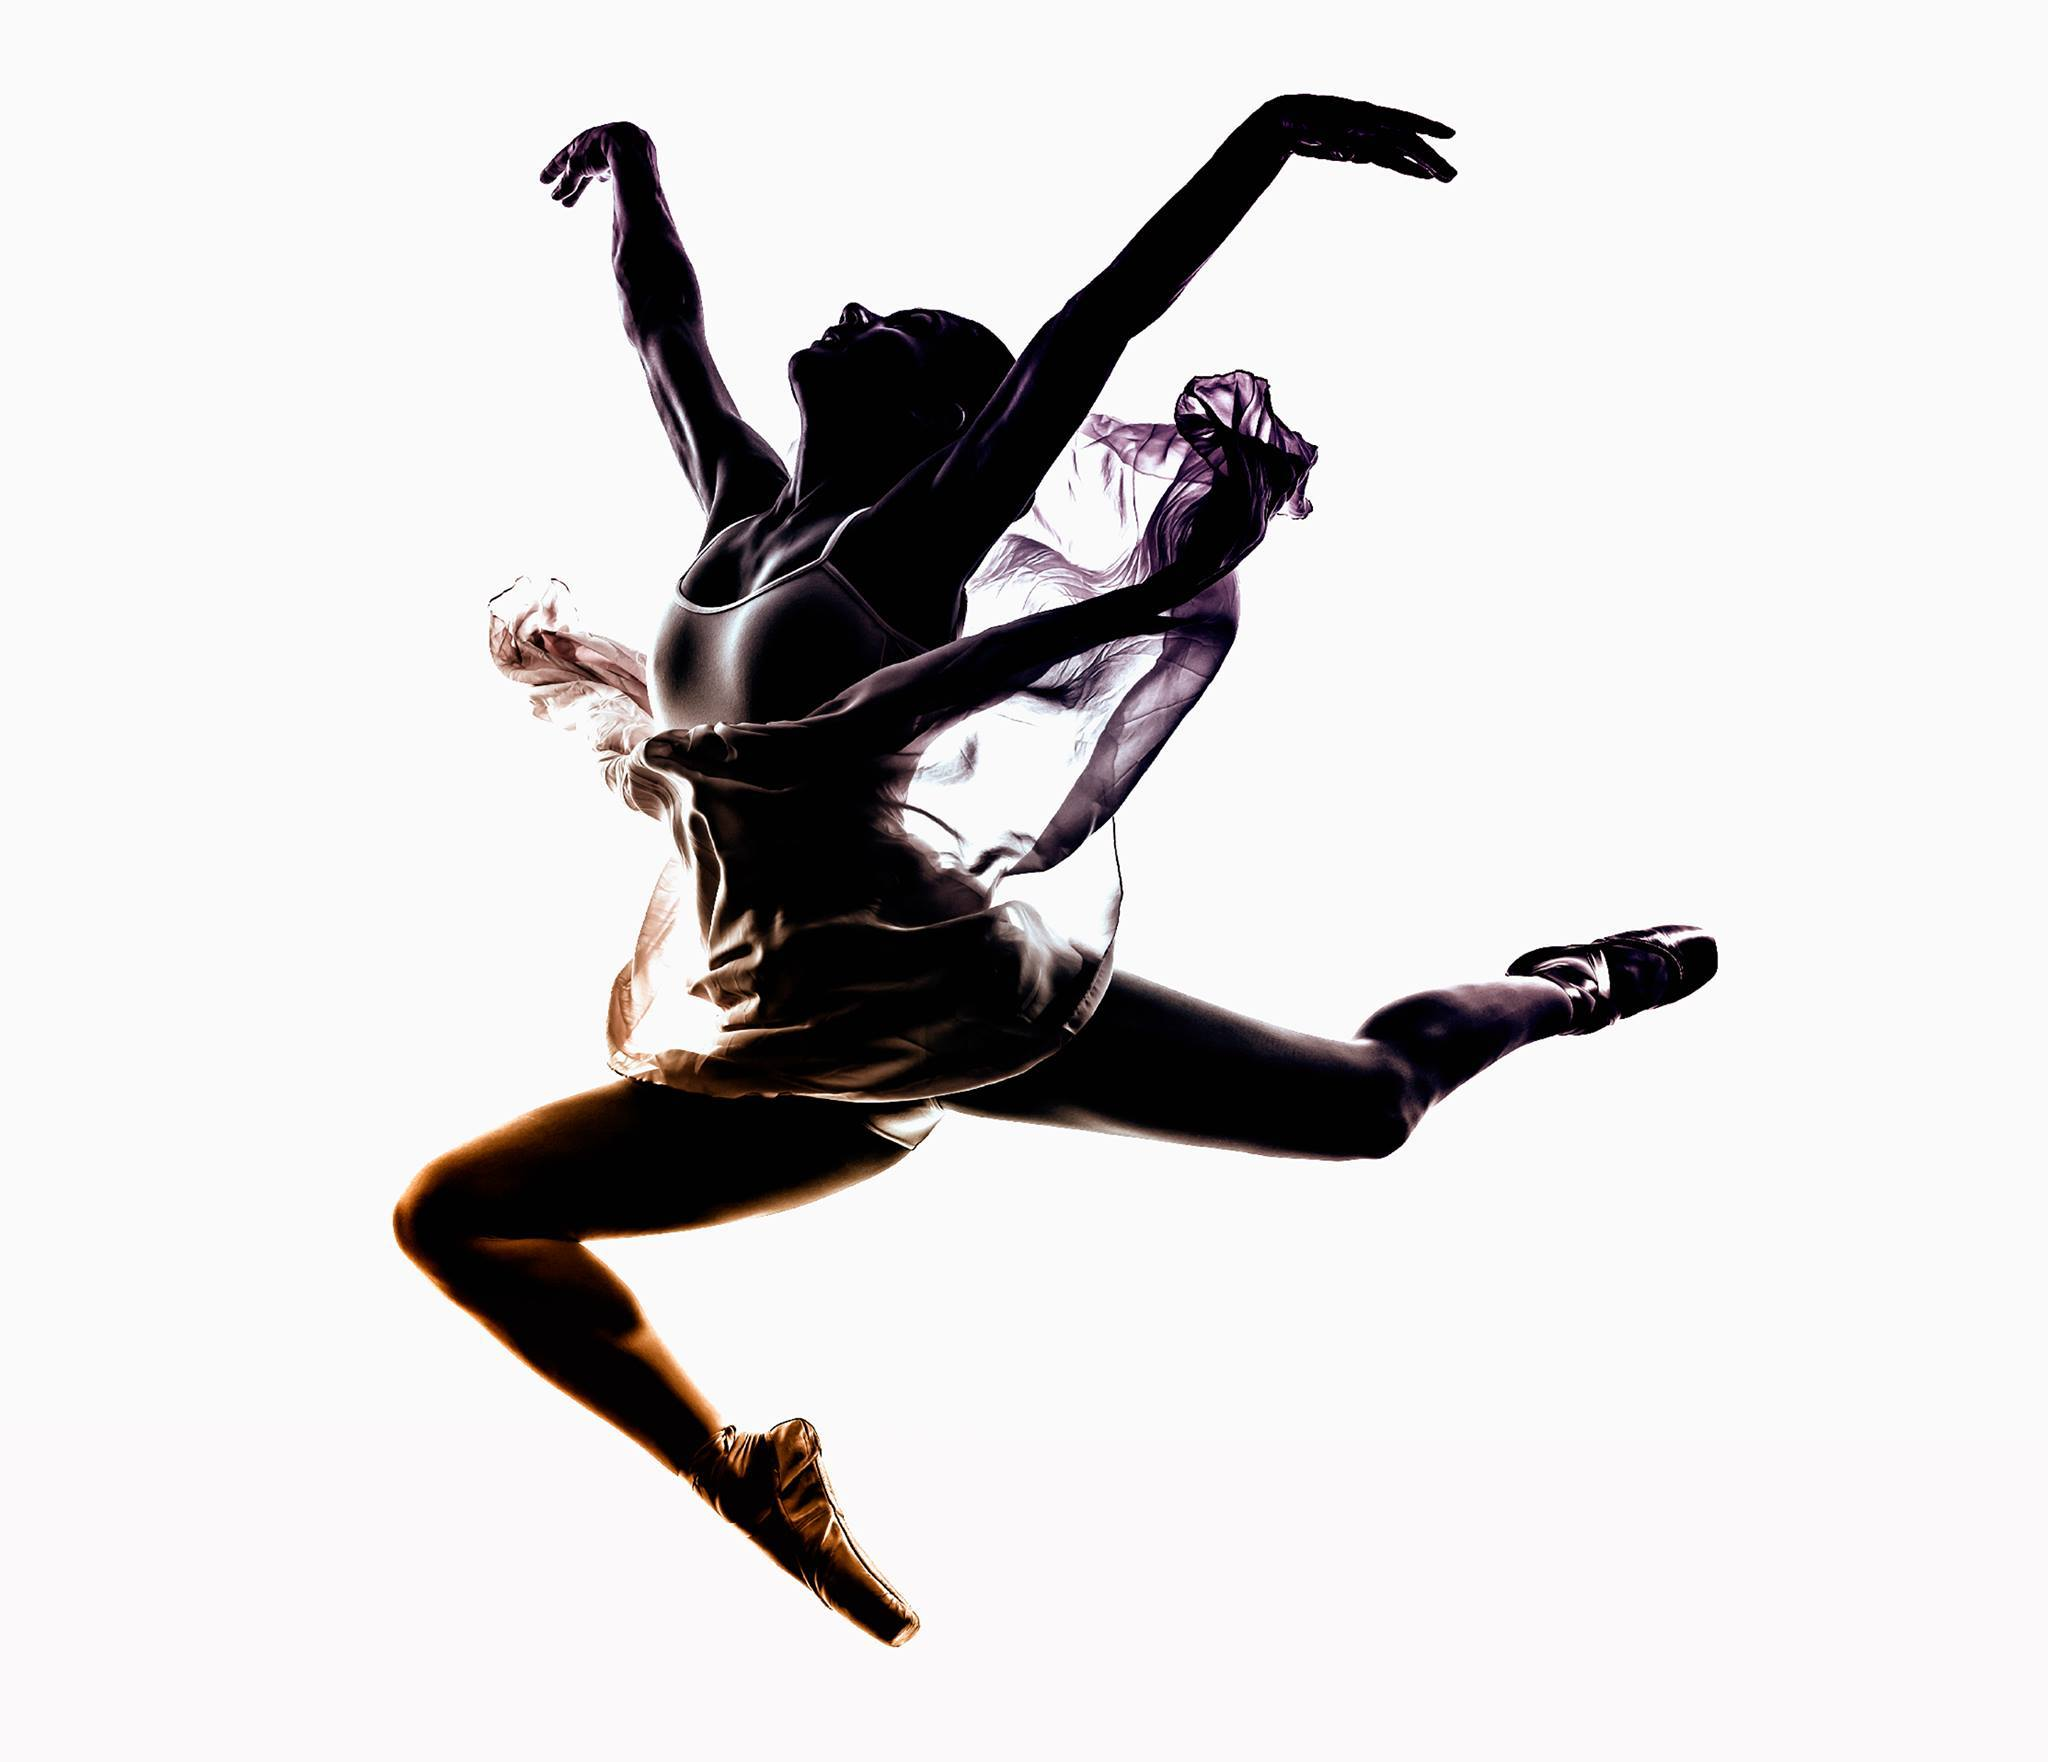 2048x1762 First Ever Chicago Teen Dance Festival Tonight! Art Intercepts